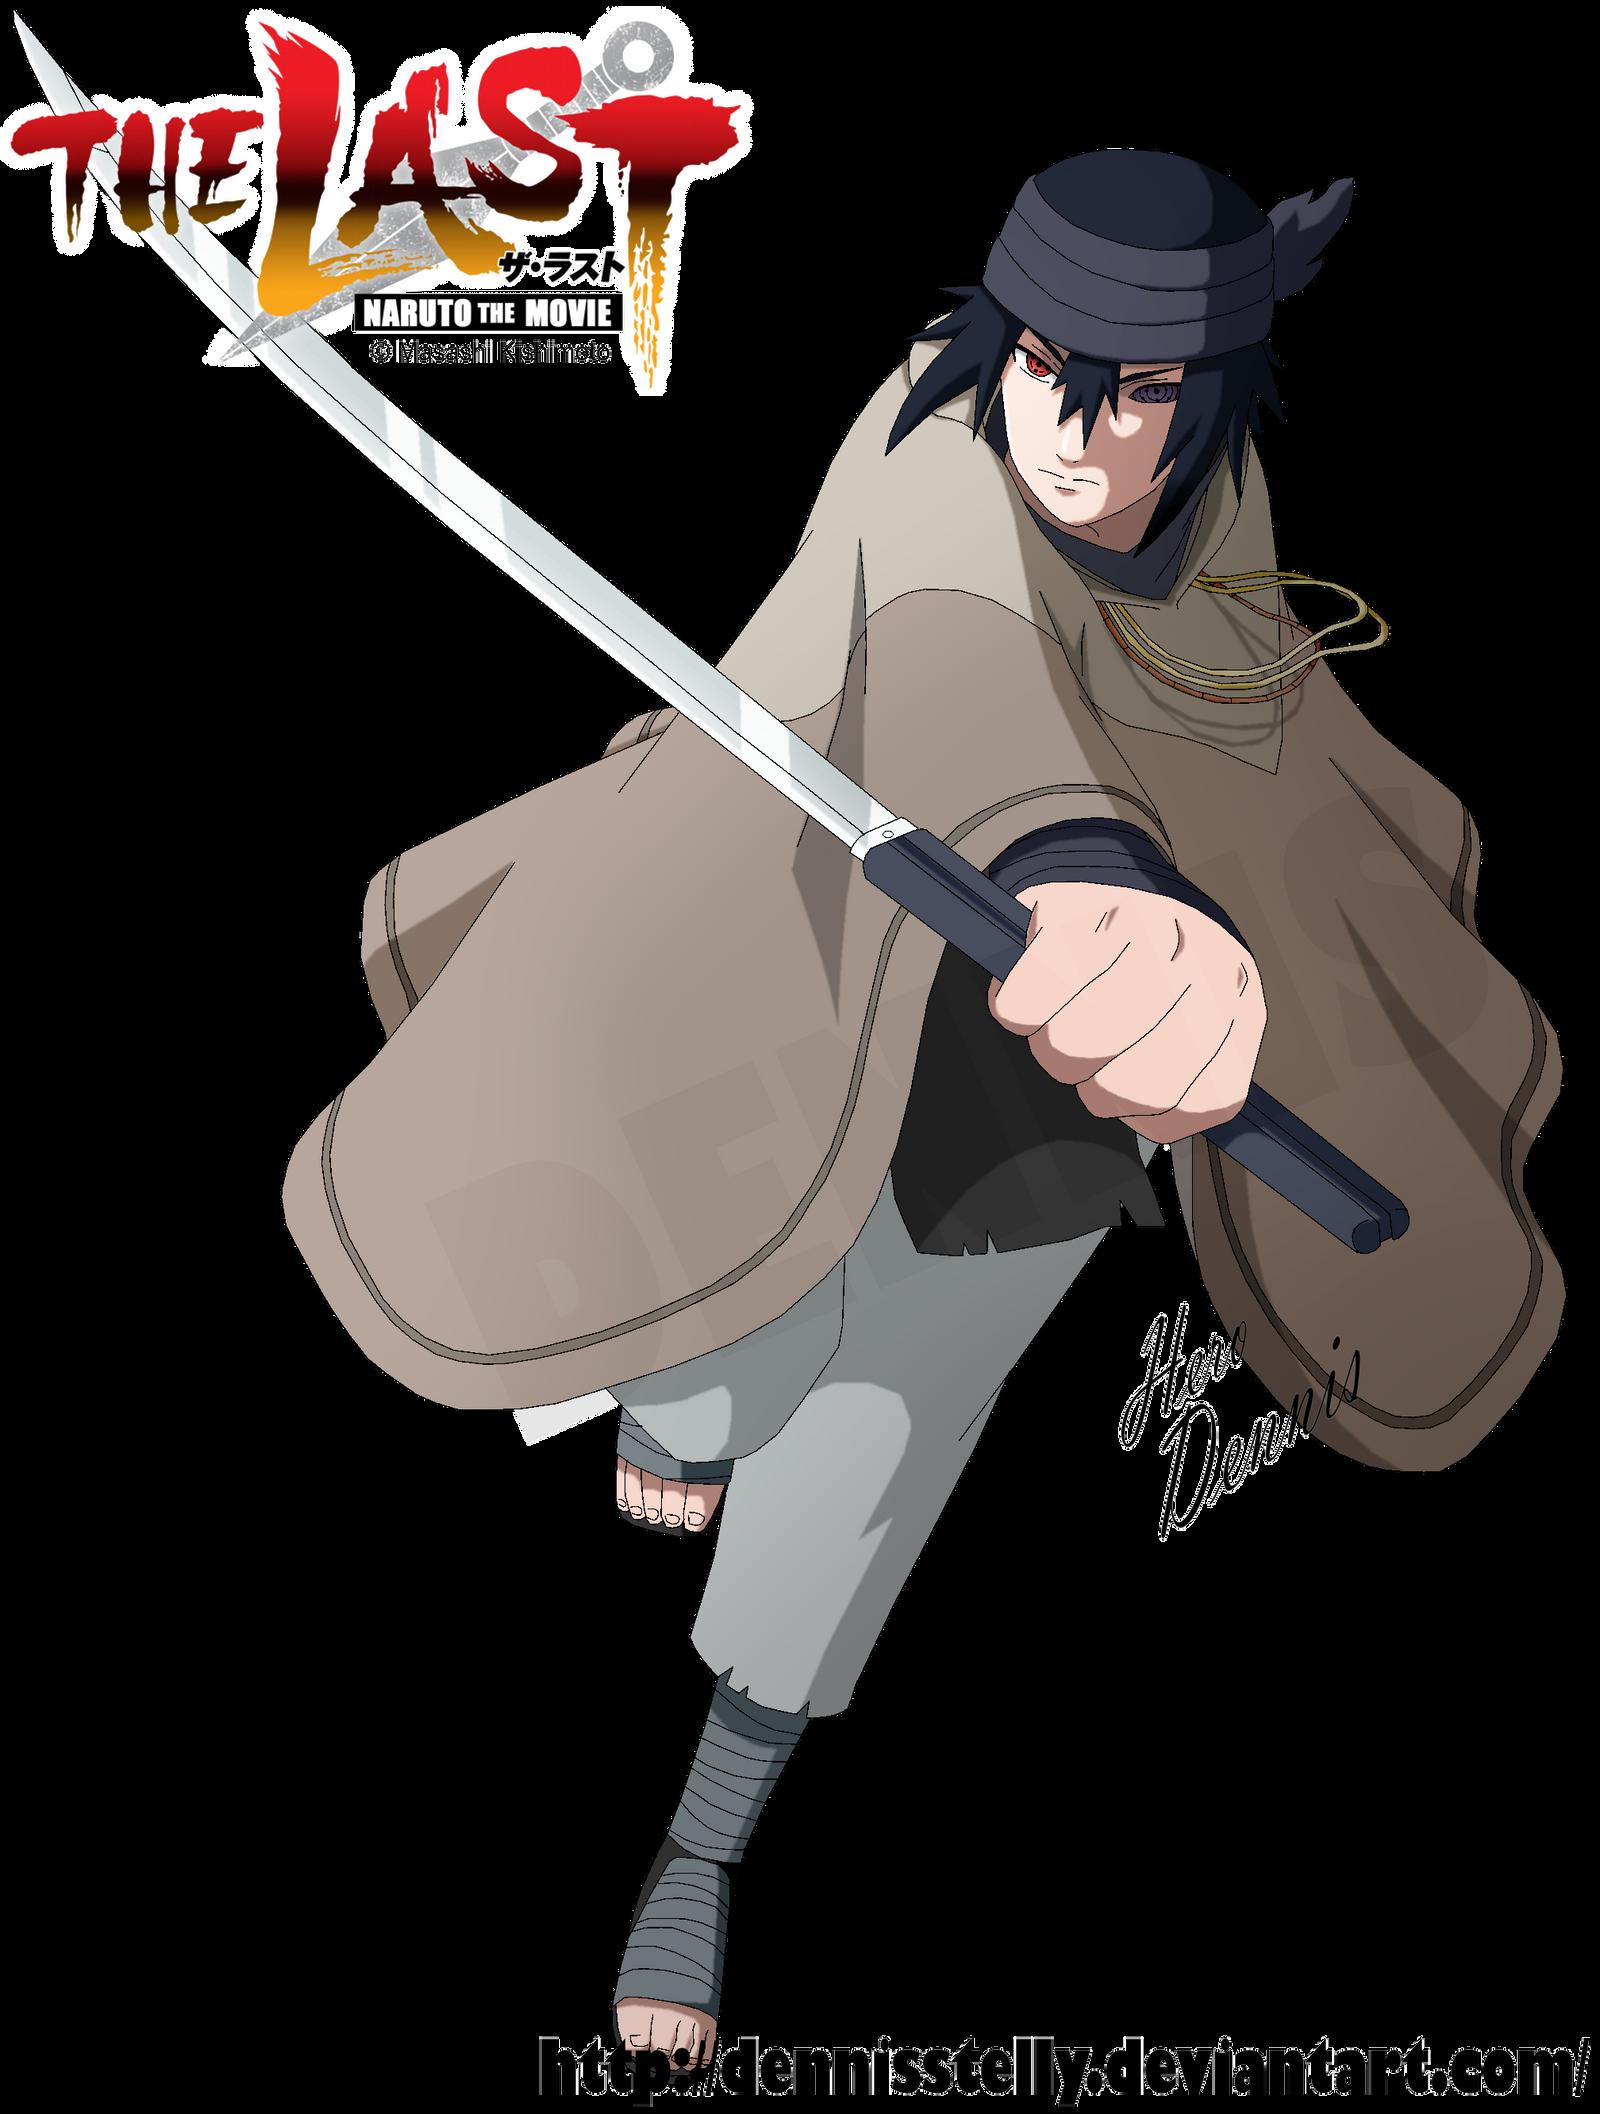 Sasuke Uchiha - The Last Movie by DennisStelly on DeviantArt